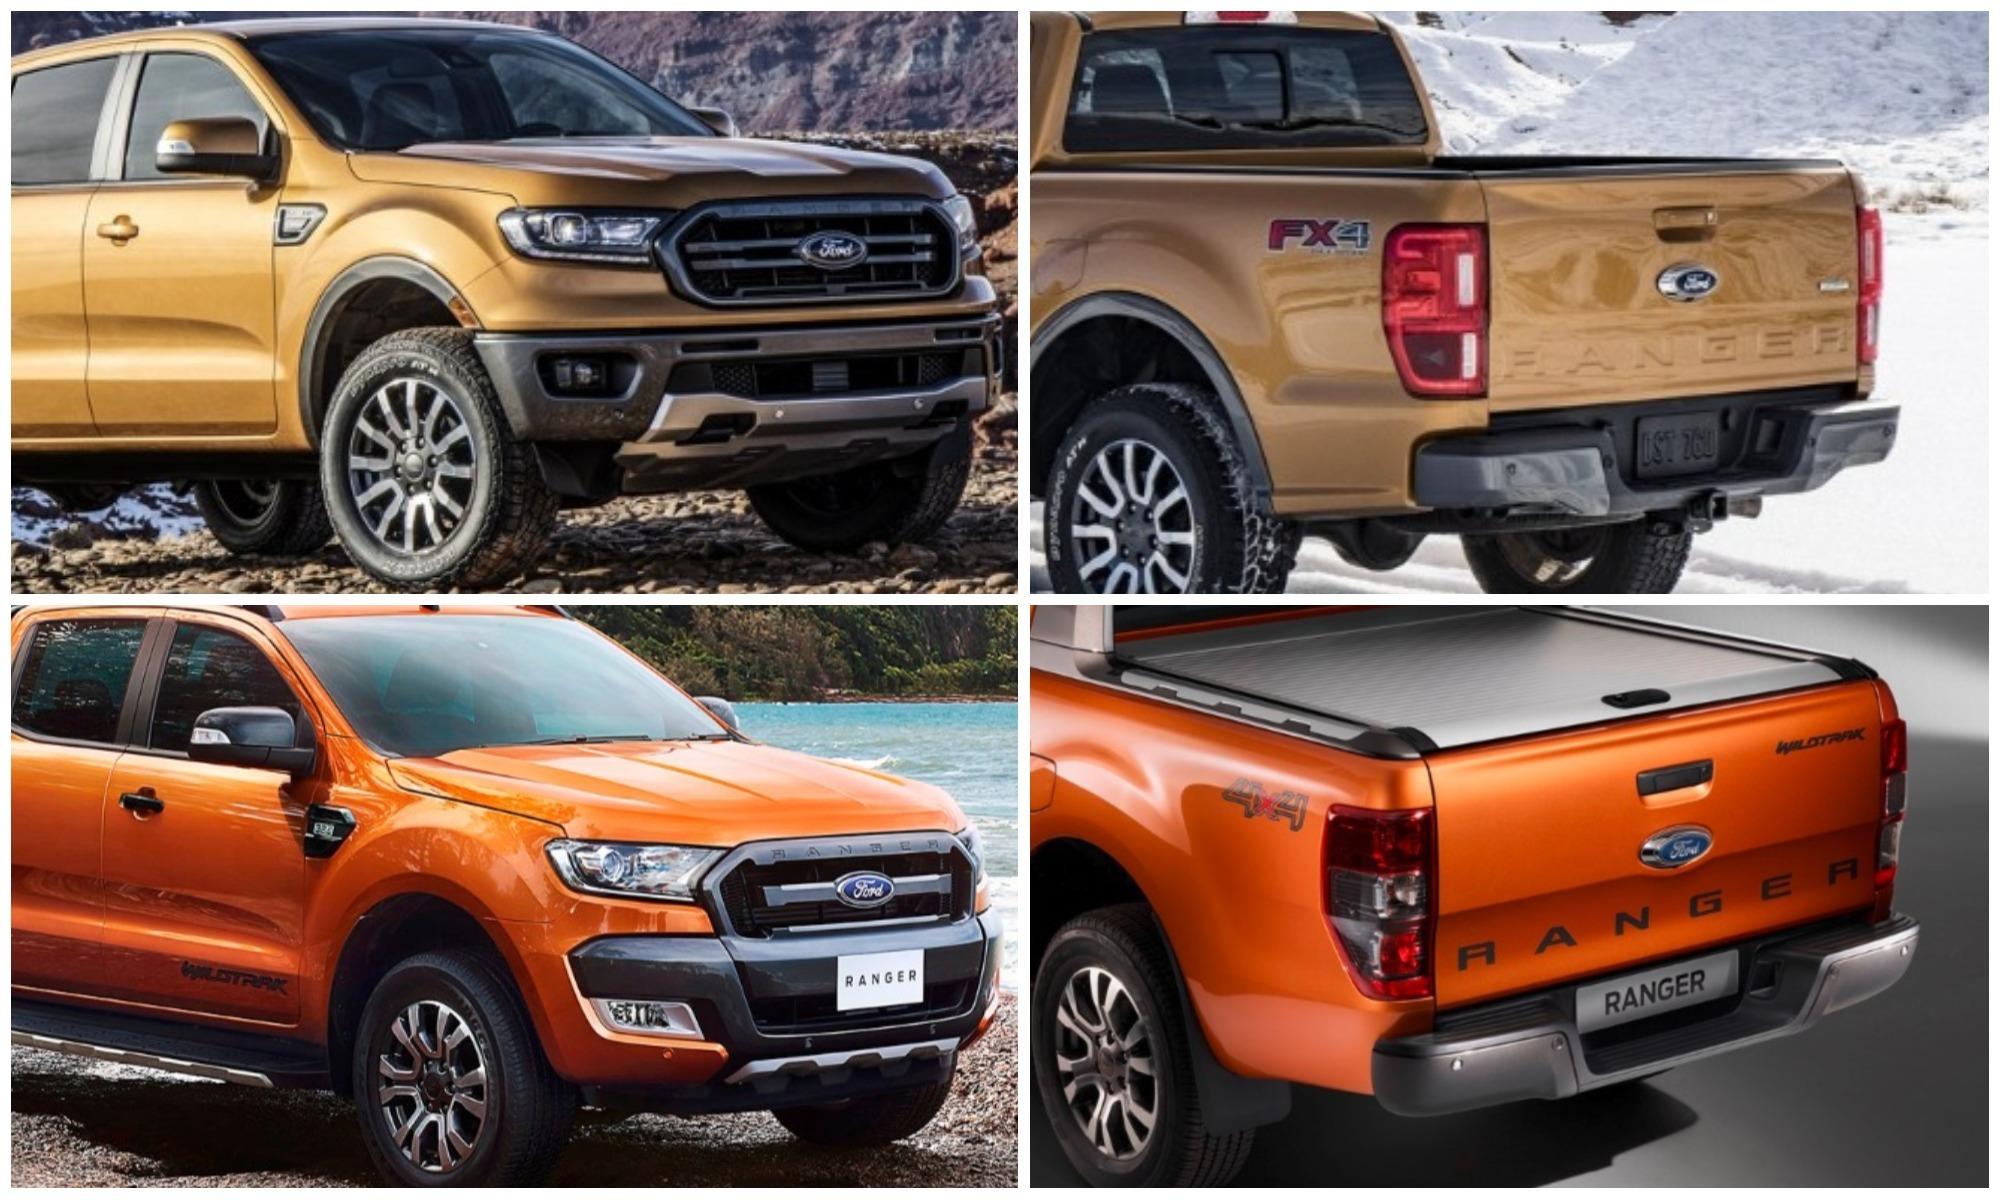 Ford Ranger ön - arka görünüm karşılaştırması